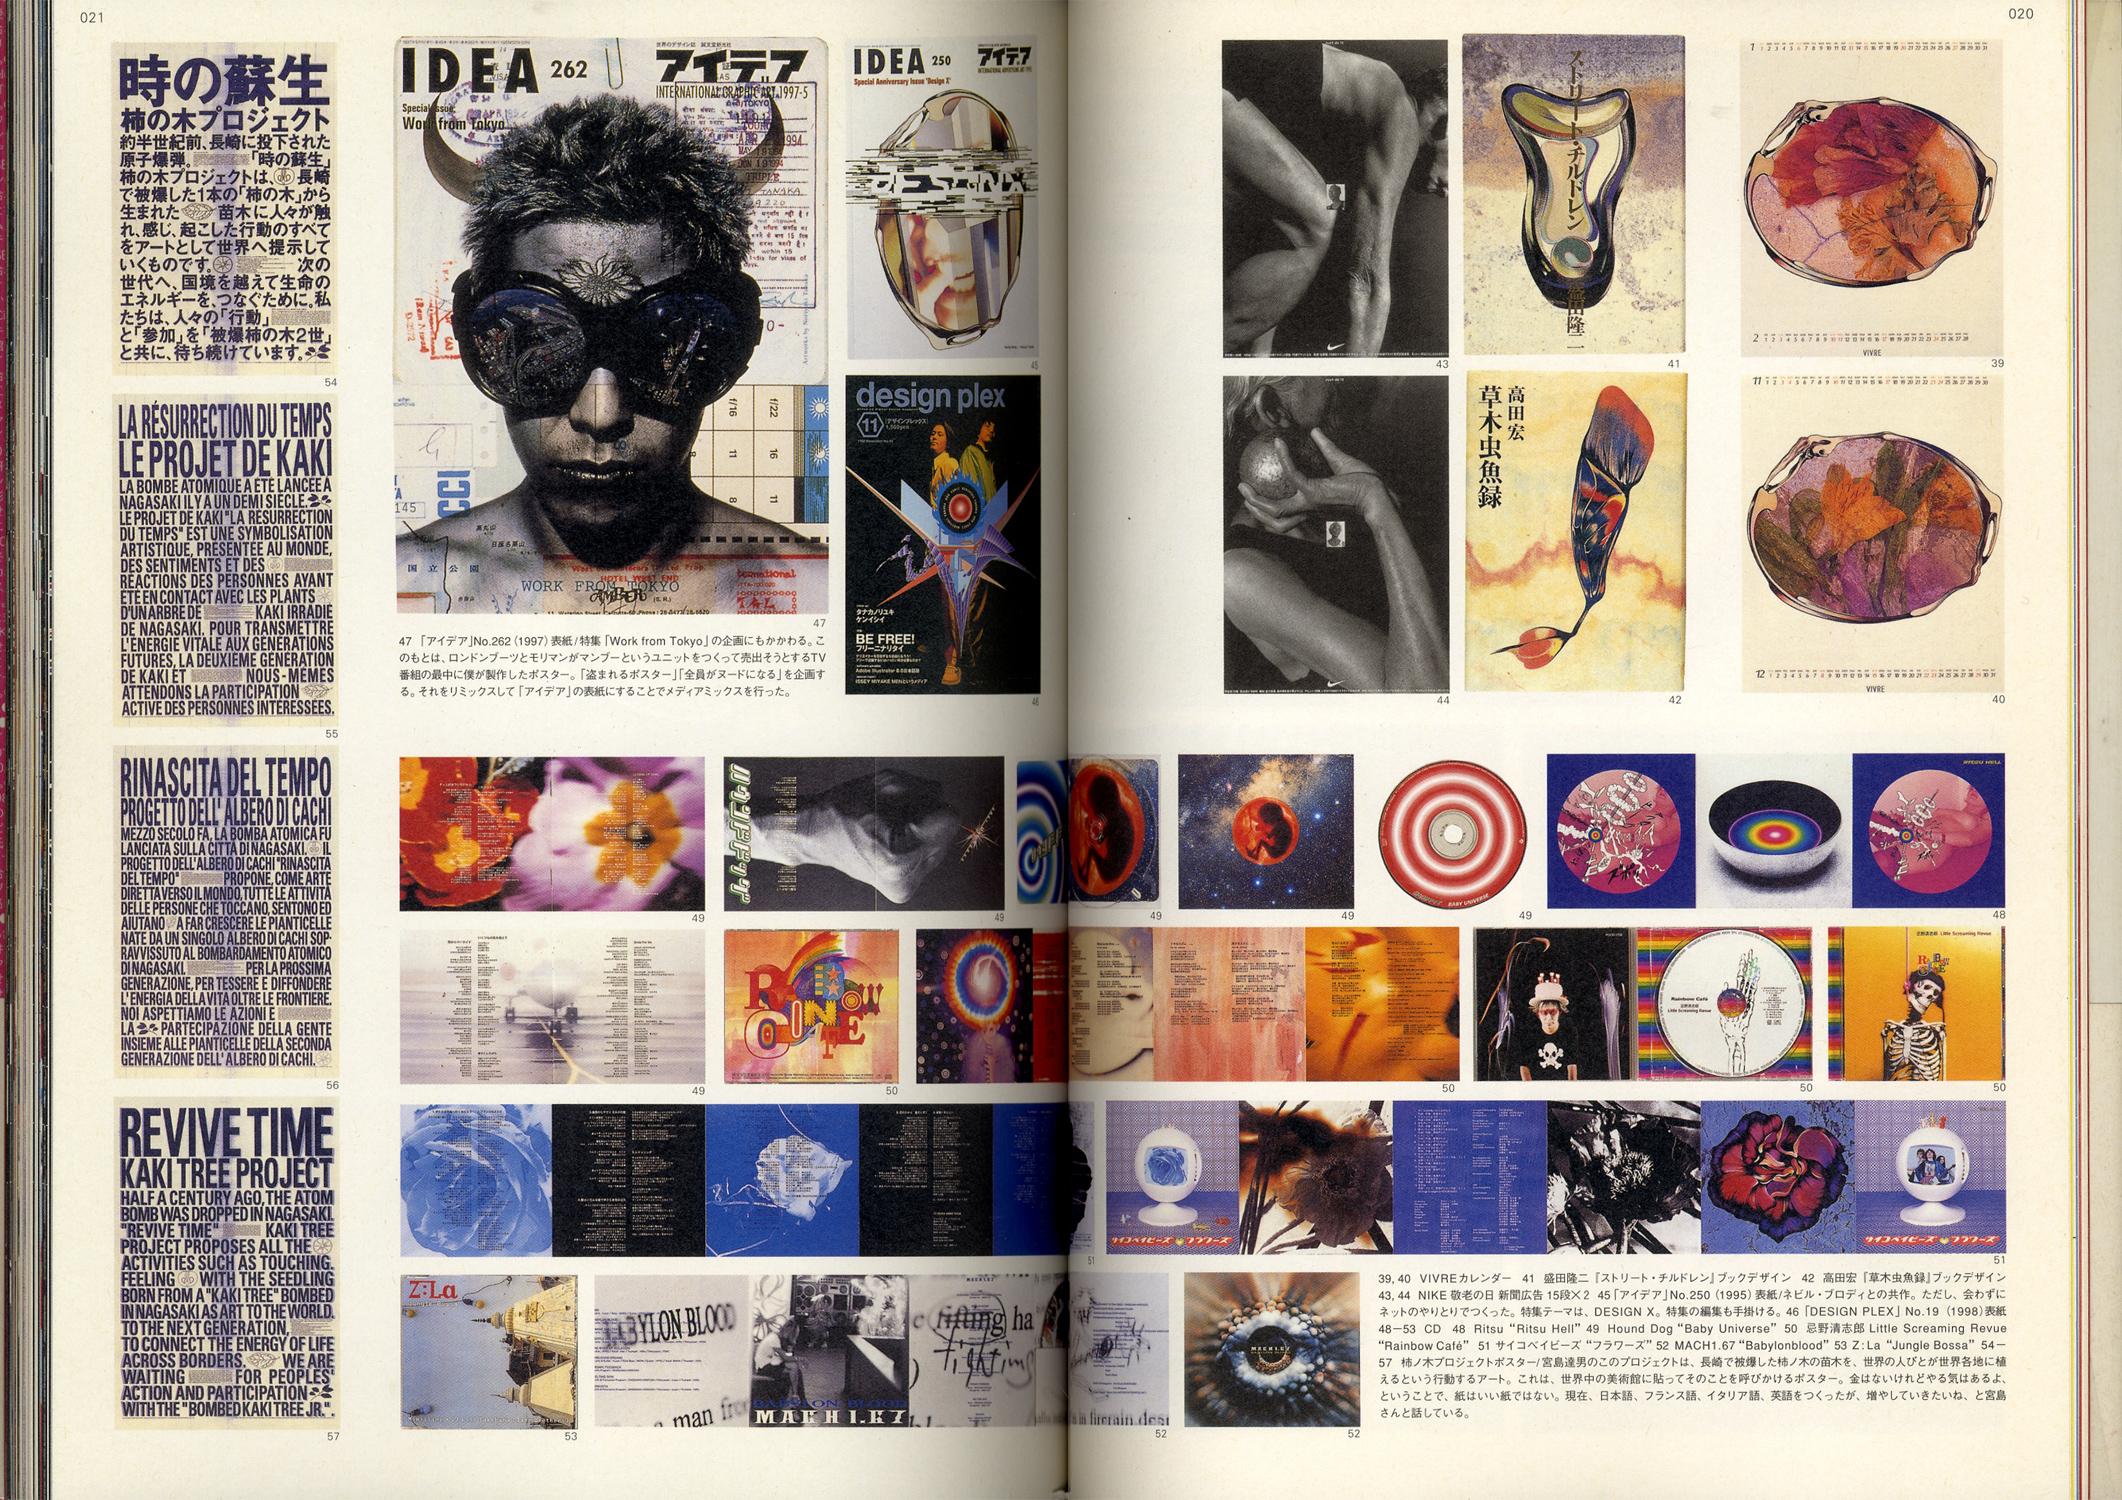 タナカノリユキの仕事と周辺 Artist、 Director and Designer SCAN #3[image2]